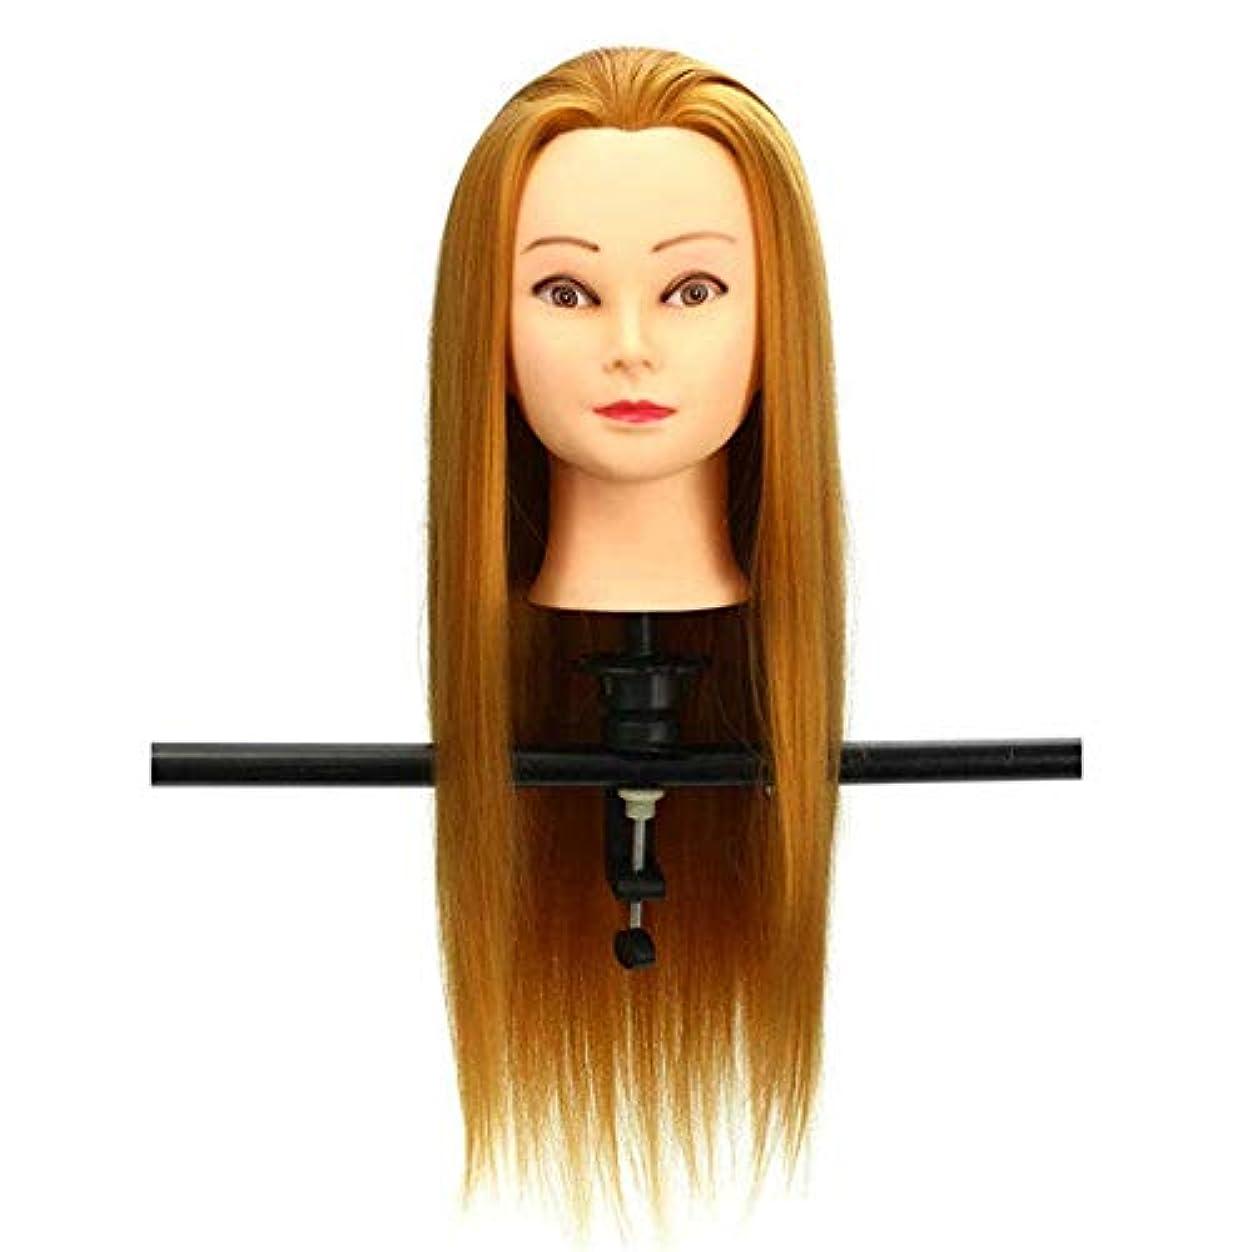 代表して無実それにもかかわらずヘアマネキンヘッド 30%の黄金の実ヘアーヘアーサロンマネキントレーニング頭部モデル散髪理髪 ヘア理髪トレーニングモデル付き (色 : Golden, サイズ : 22